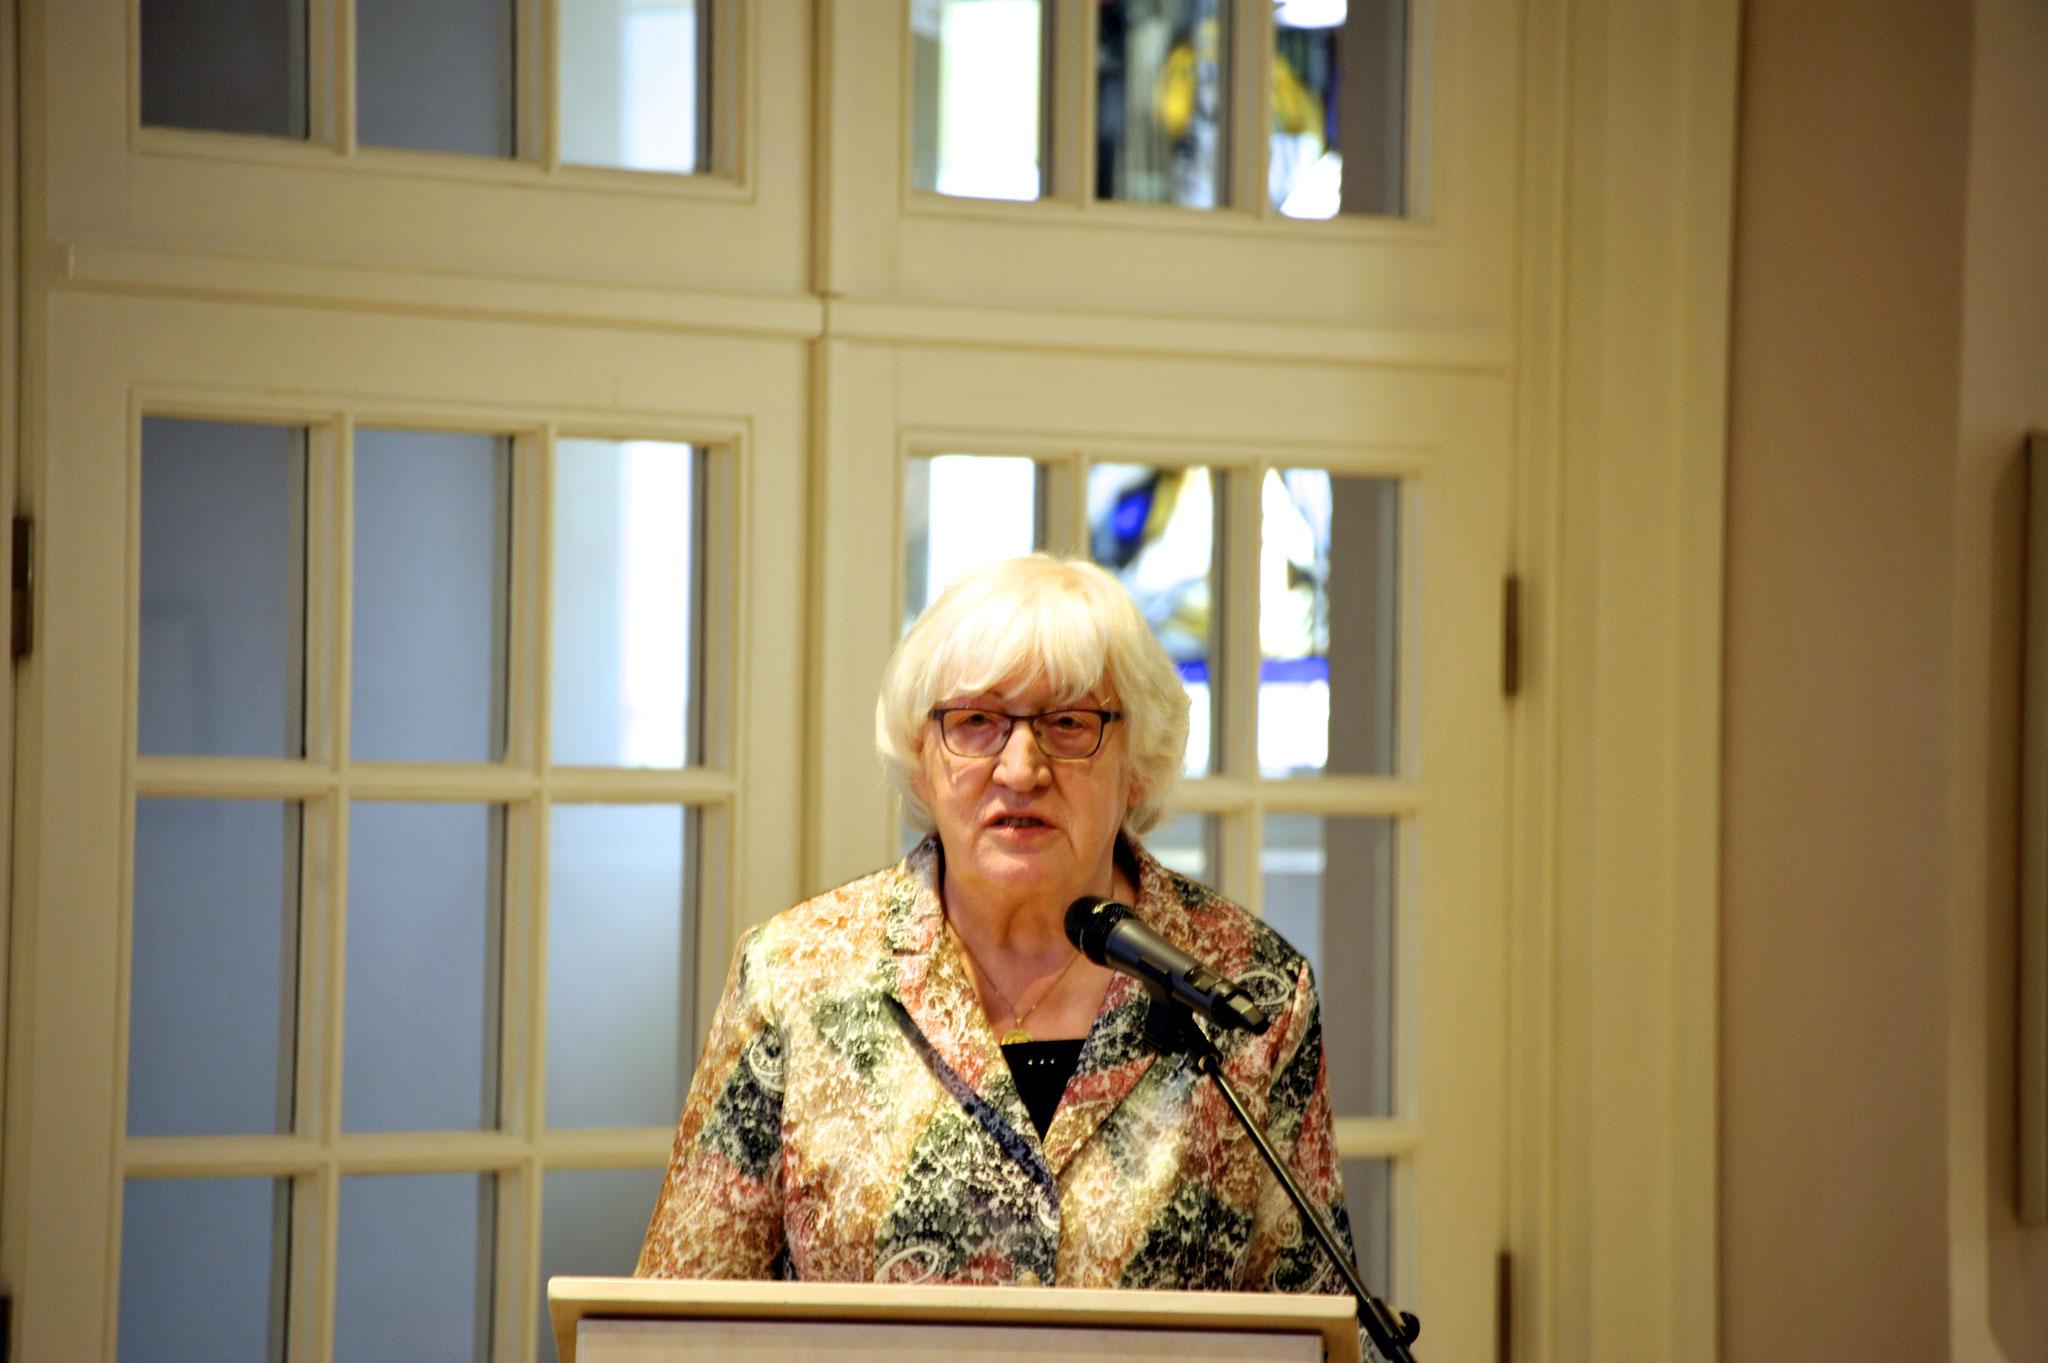 Laudatorin Renate Mauritz, Kuratoriumsmitglied der Stiftung und Kirchenvorsteherin Neustädter Kirche